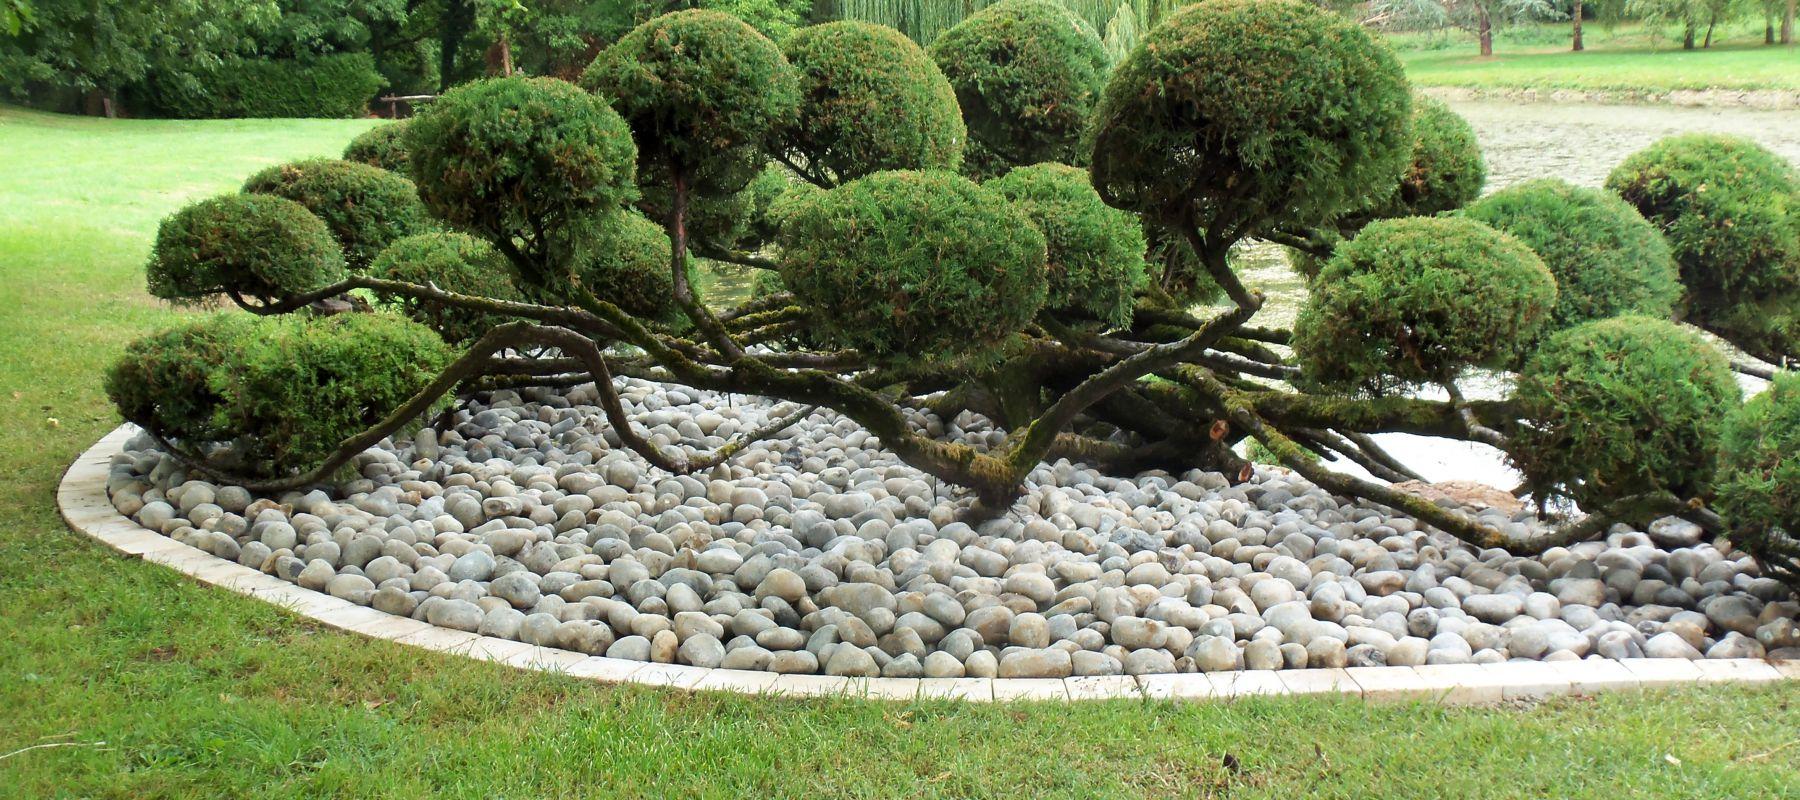 Pannequin Paysage : Aménagements Paysagers - Aménagement ... pour Aménagement Du Jardin Photo